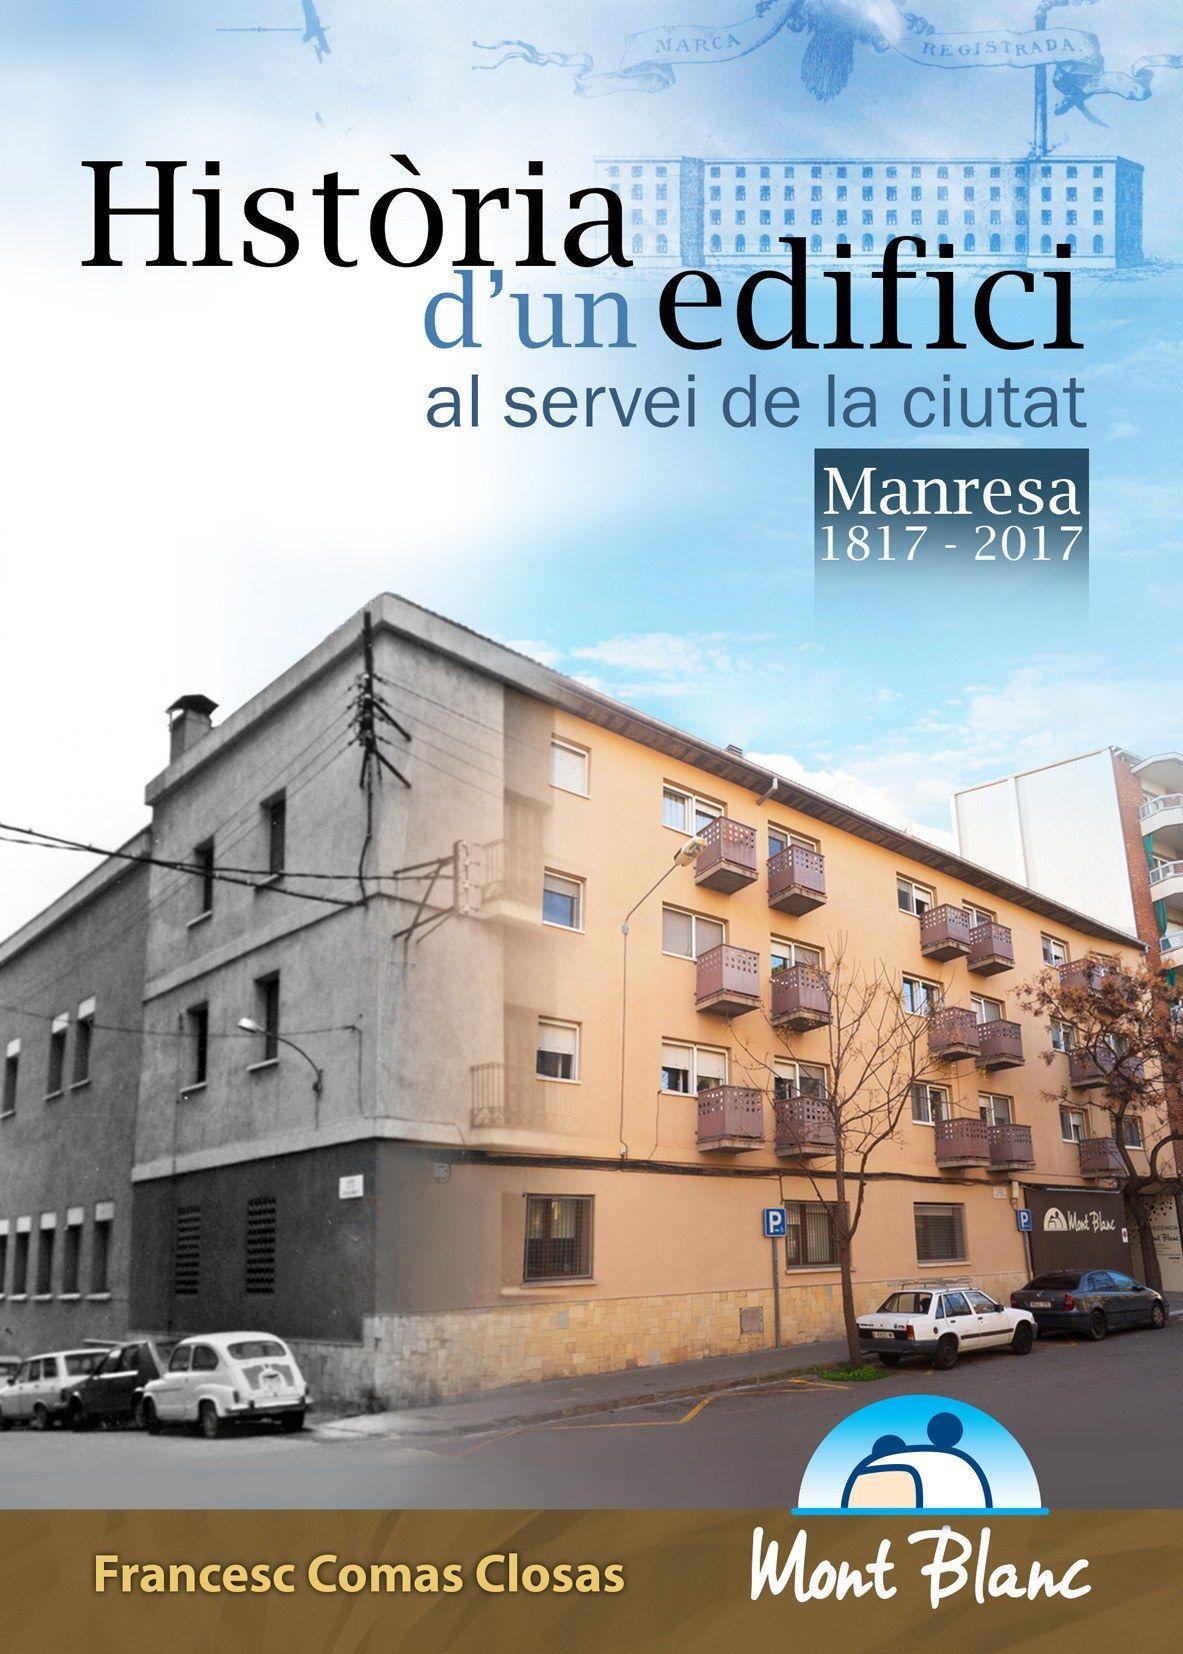 Història d'un edifici al servei de la ciutat : Manresa 1817-2017 / Francesc Comas Closas